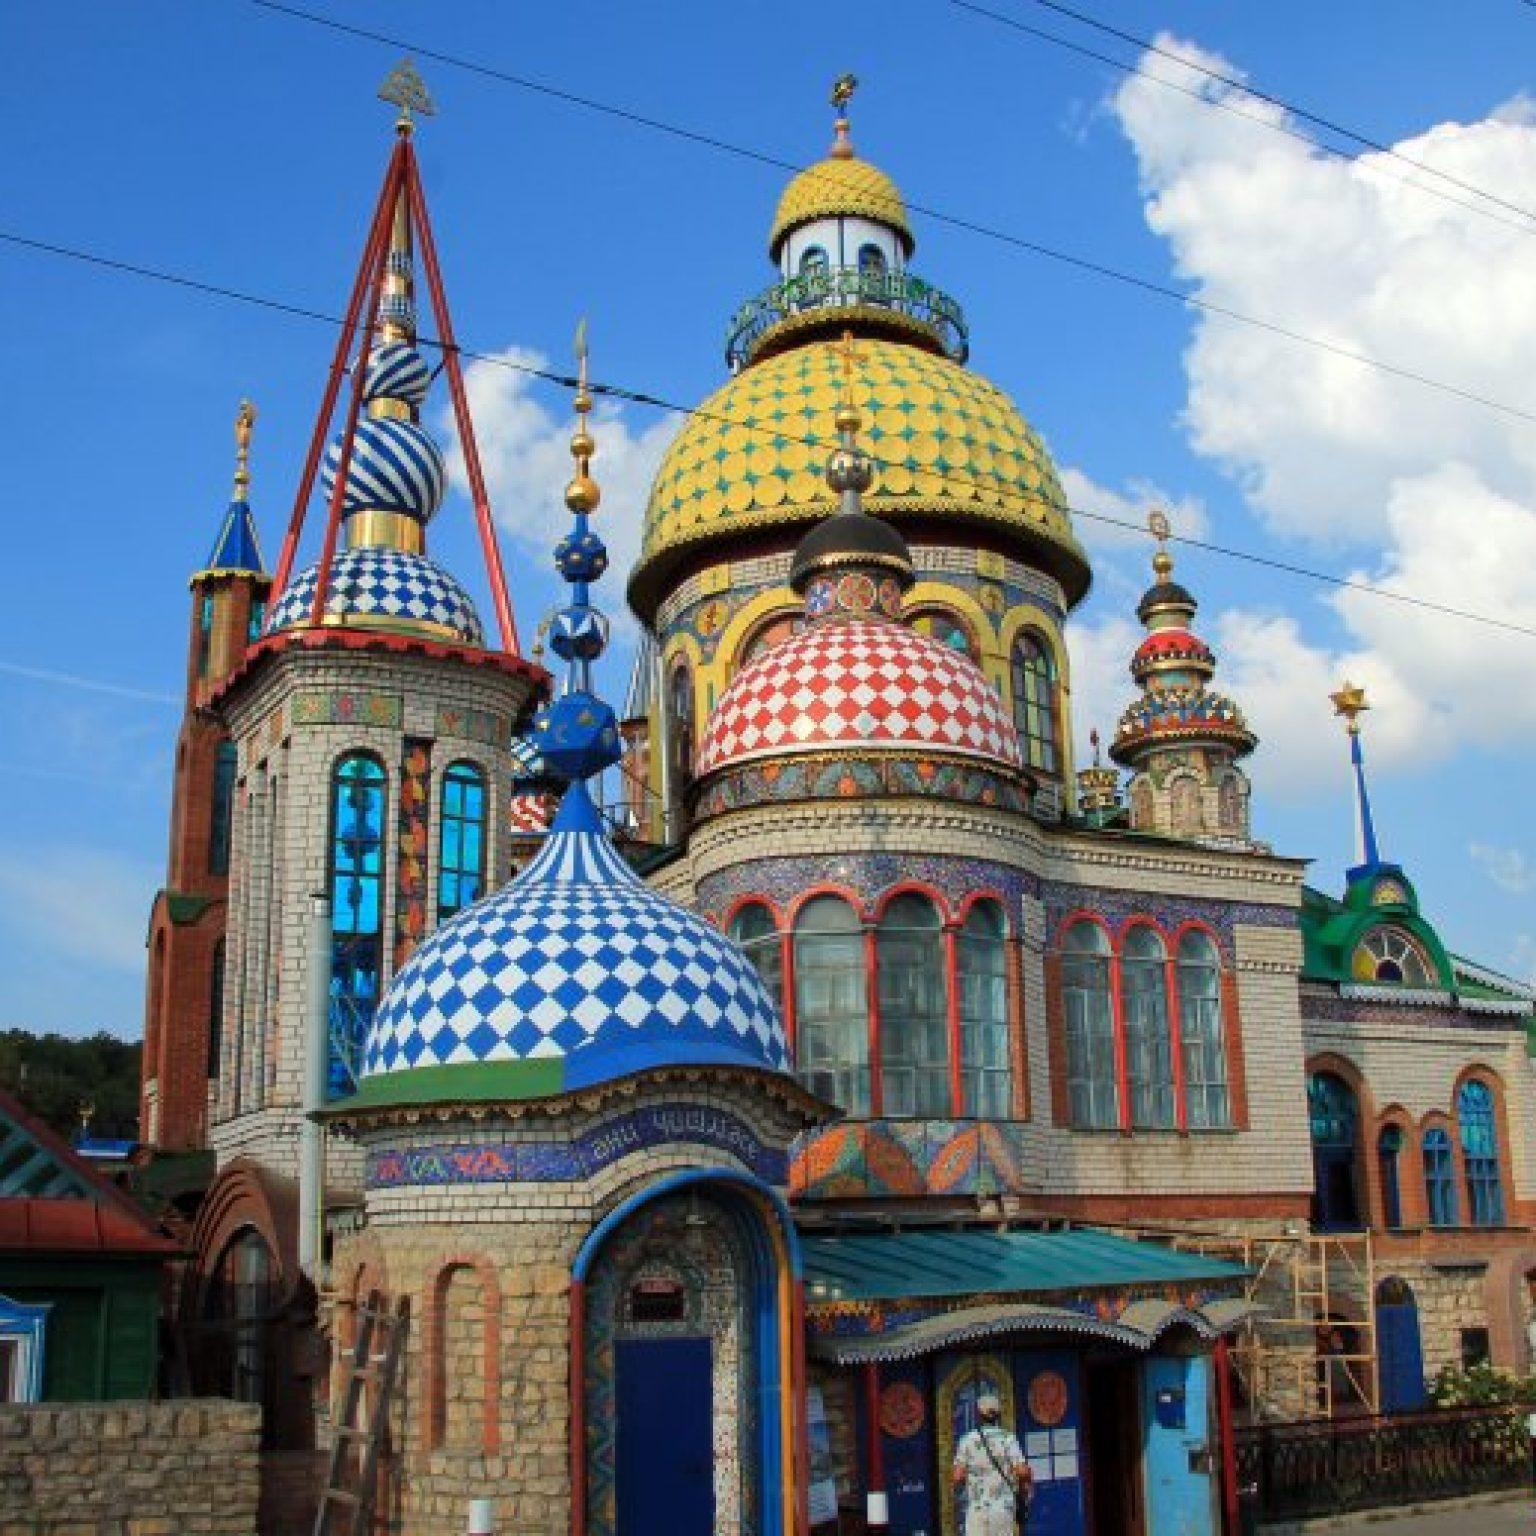 Достопримечательности Казани: Храм всех религий (Вселенский храм)